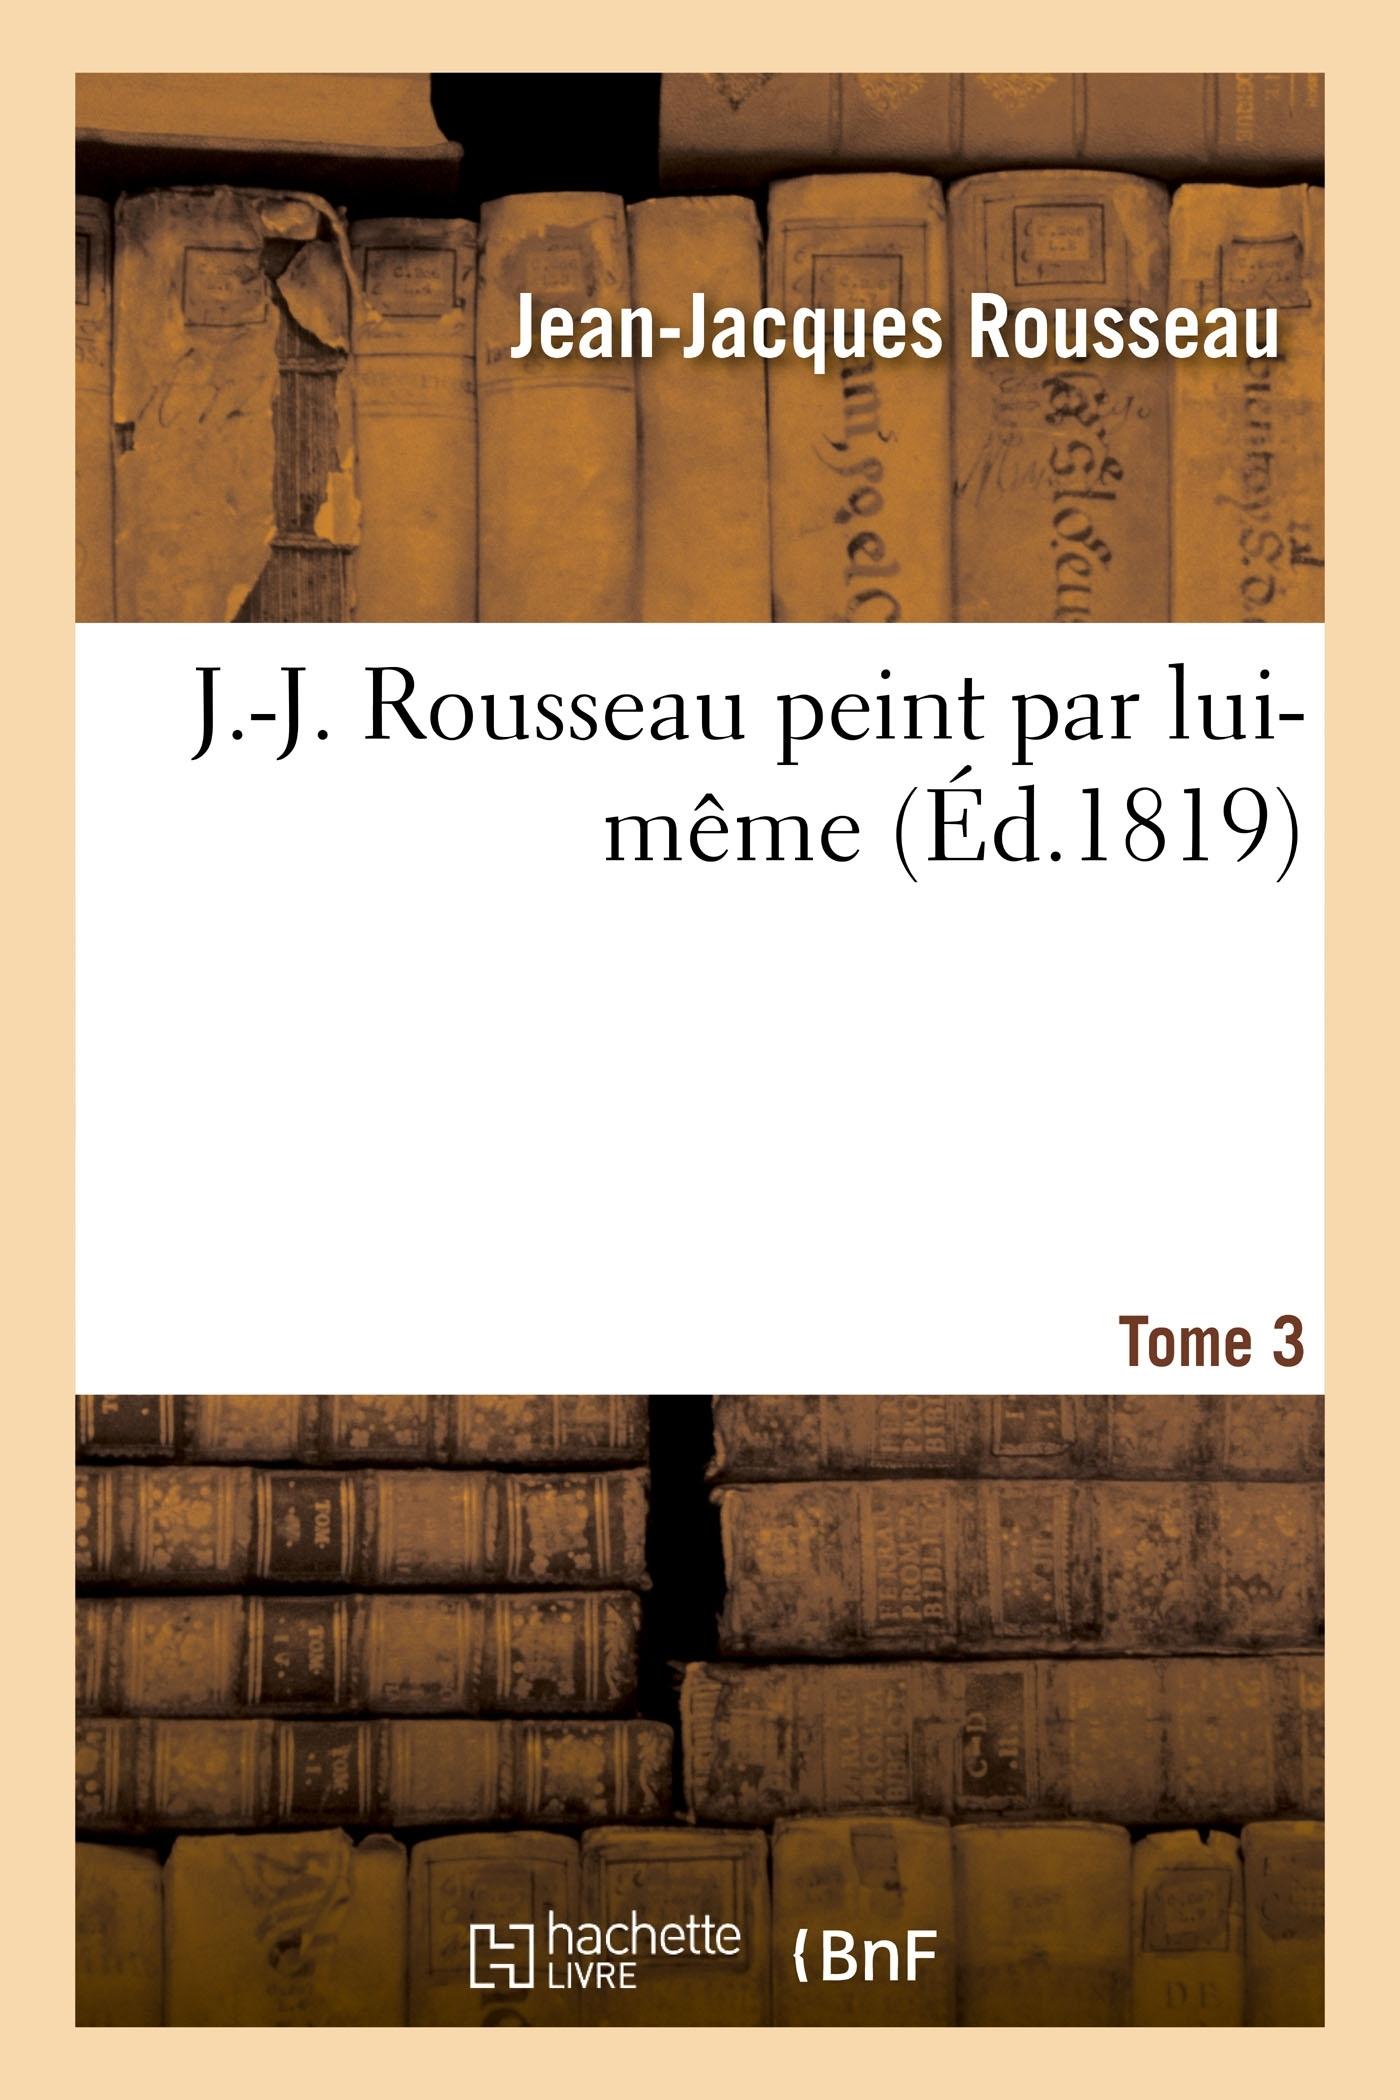 J.-J. ROUSSEAU PEINT PAR LUI-MEME. TOME 3